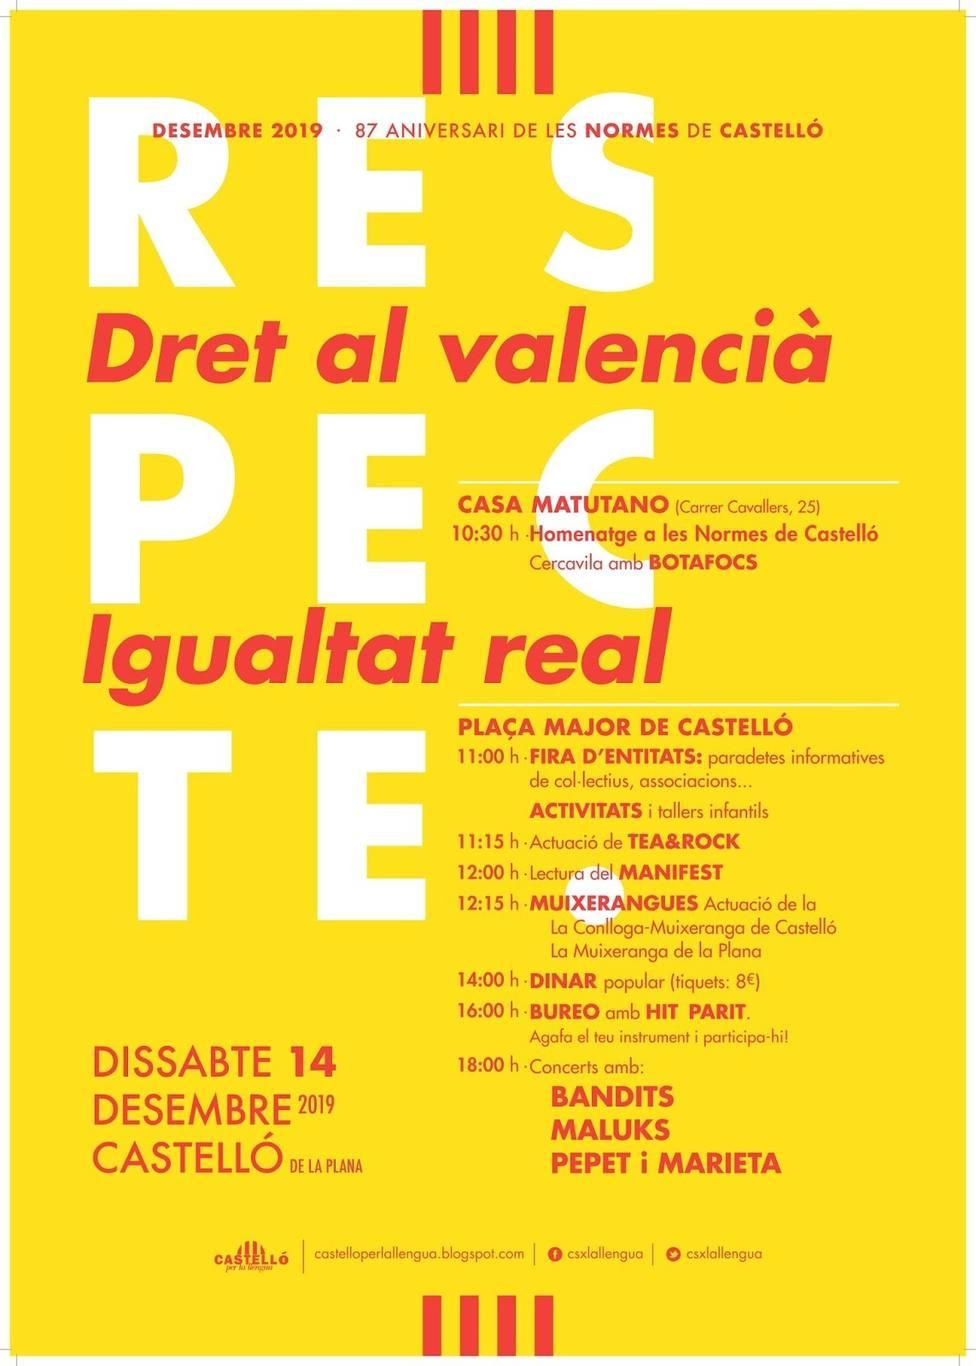 El 14 de diciembre se celebra el aniversario de Les Normes de Castelló